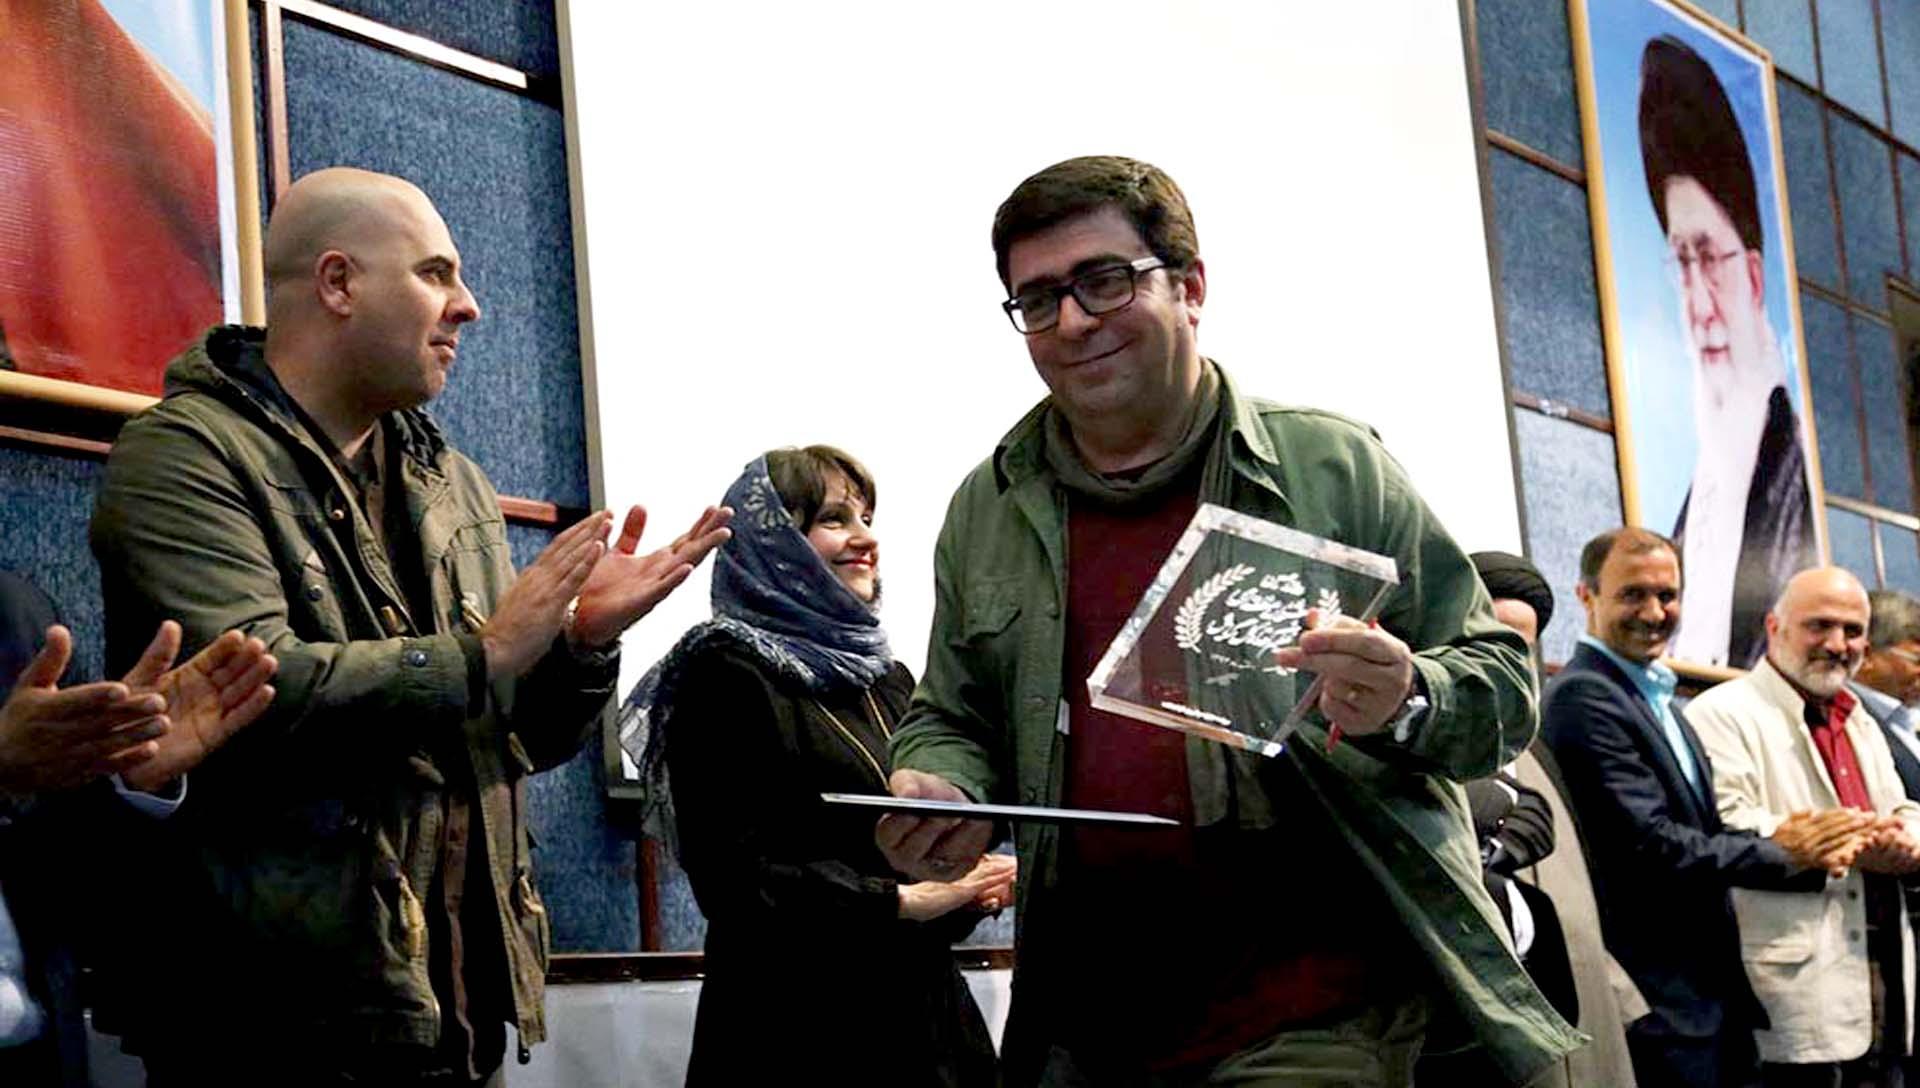 جشنواره کل گراش- گروه فیلم سازی زوم شیراز